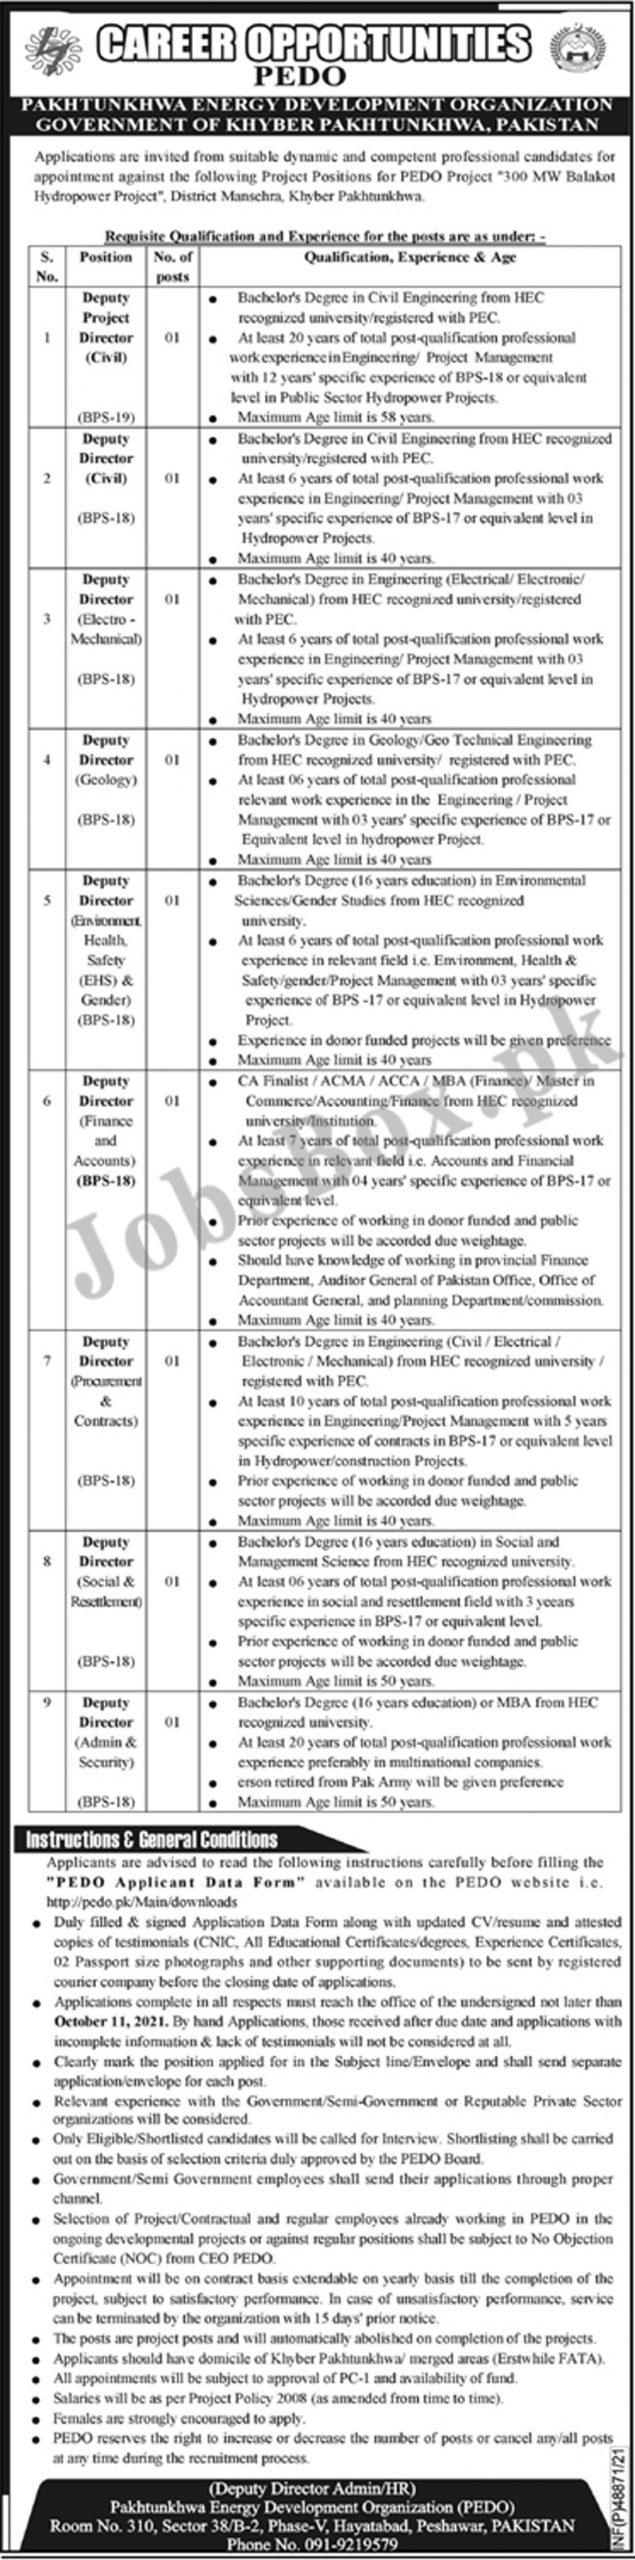 Pakhtunkhwa Energy Development Organization PEDO Jobs 2021